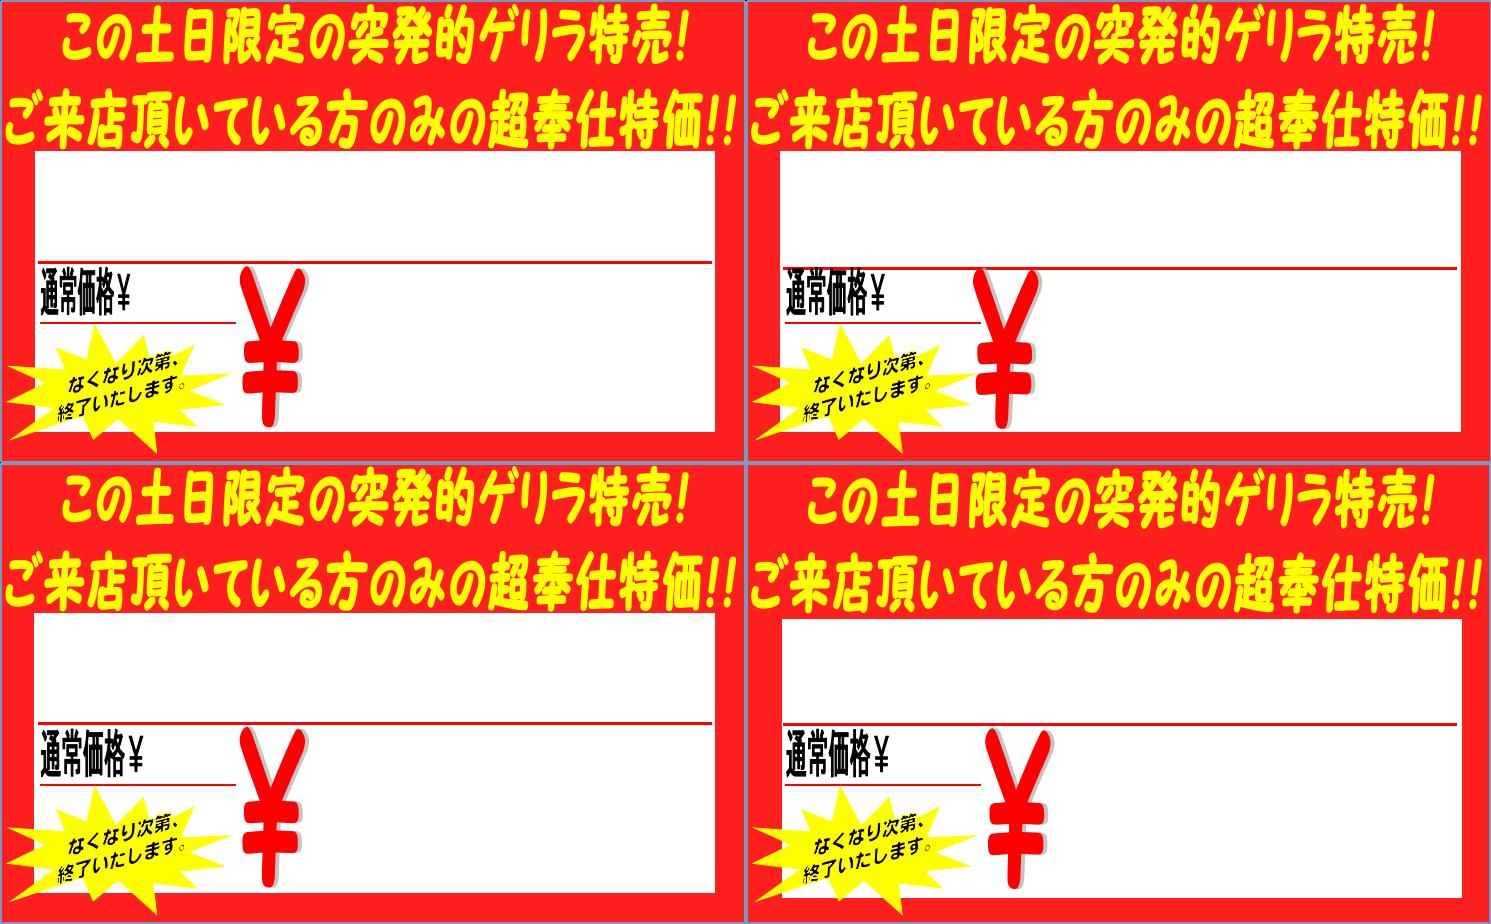 土日特売対象を大公開!